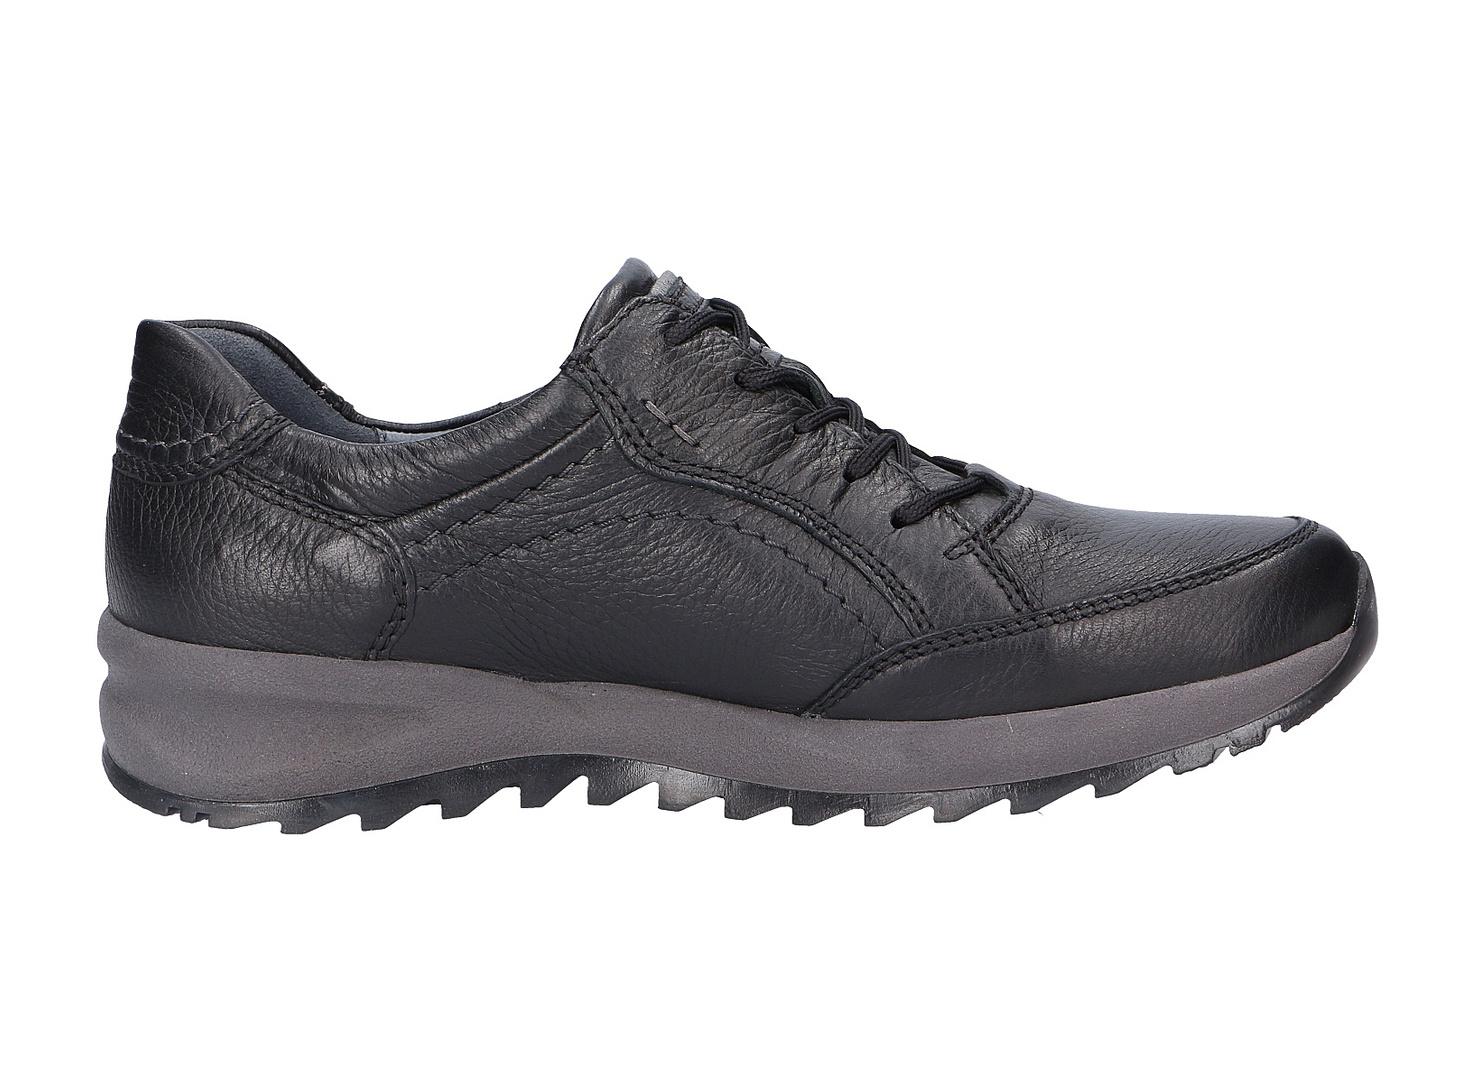 sports shoes 6d33b 0f728 Waldläufer Herren Schnürschuh   Komfort Schnürschuhe ...